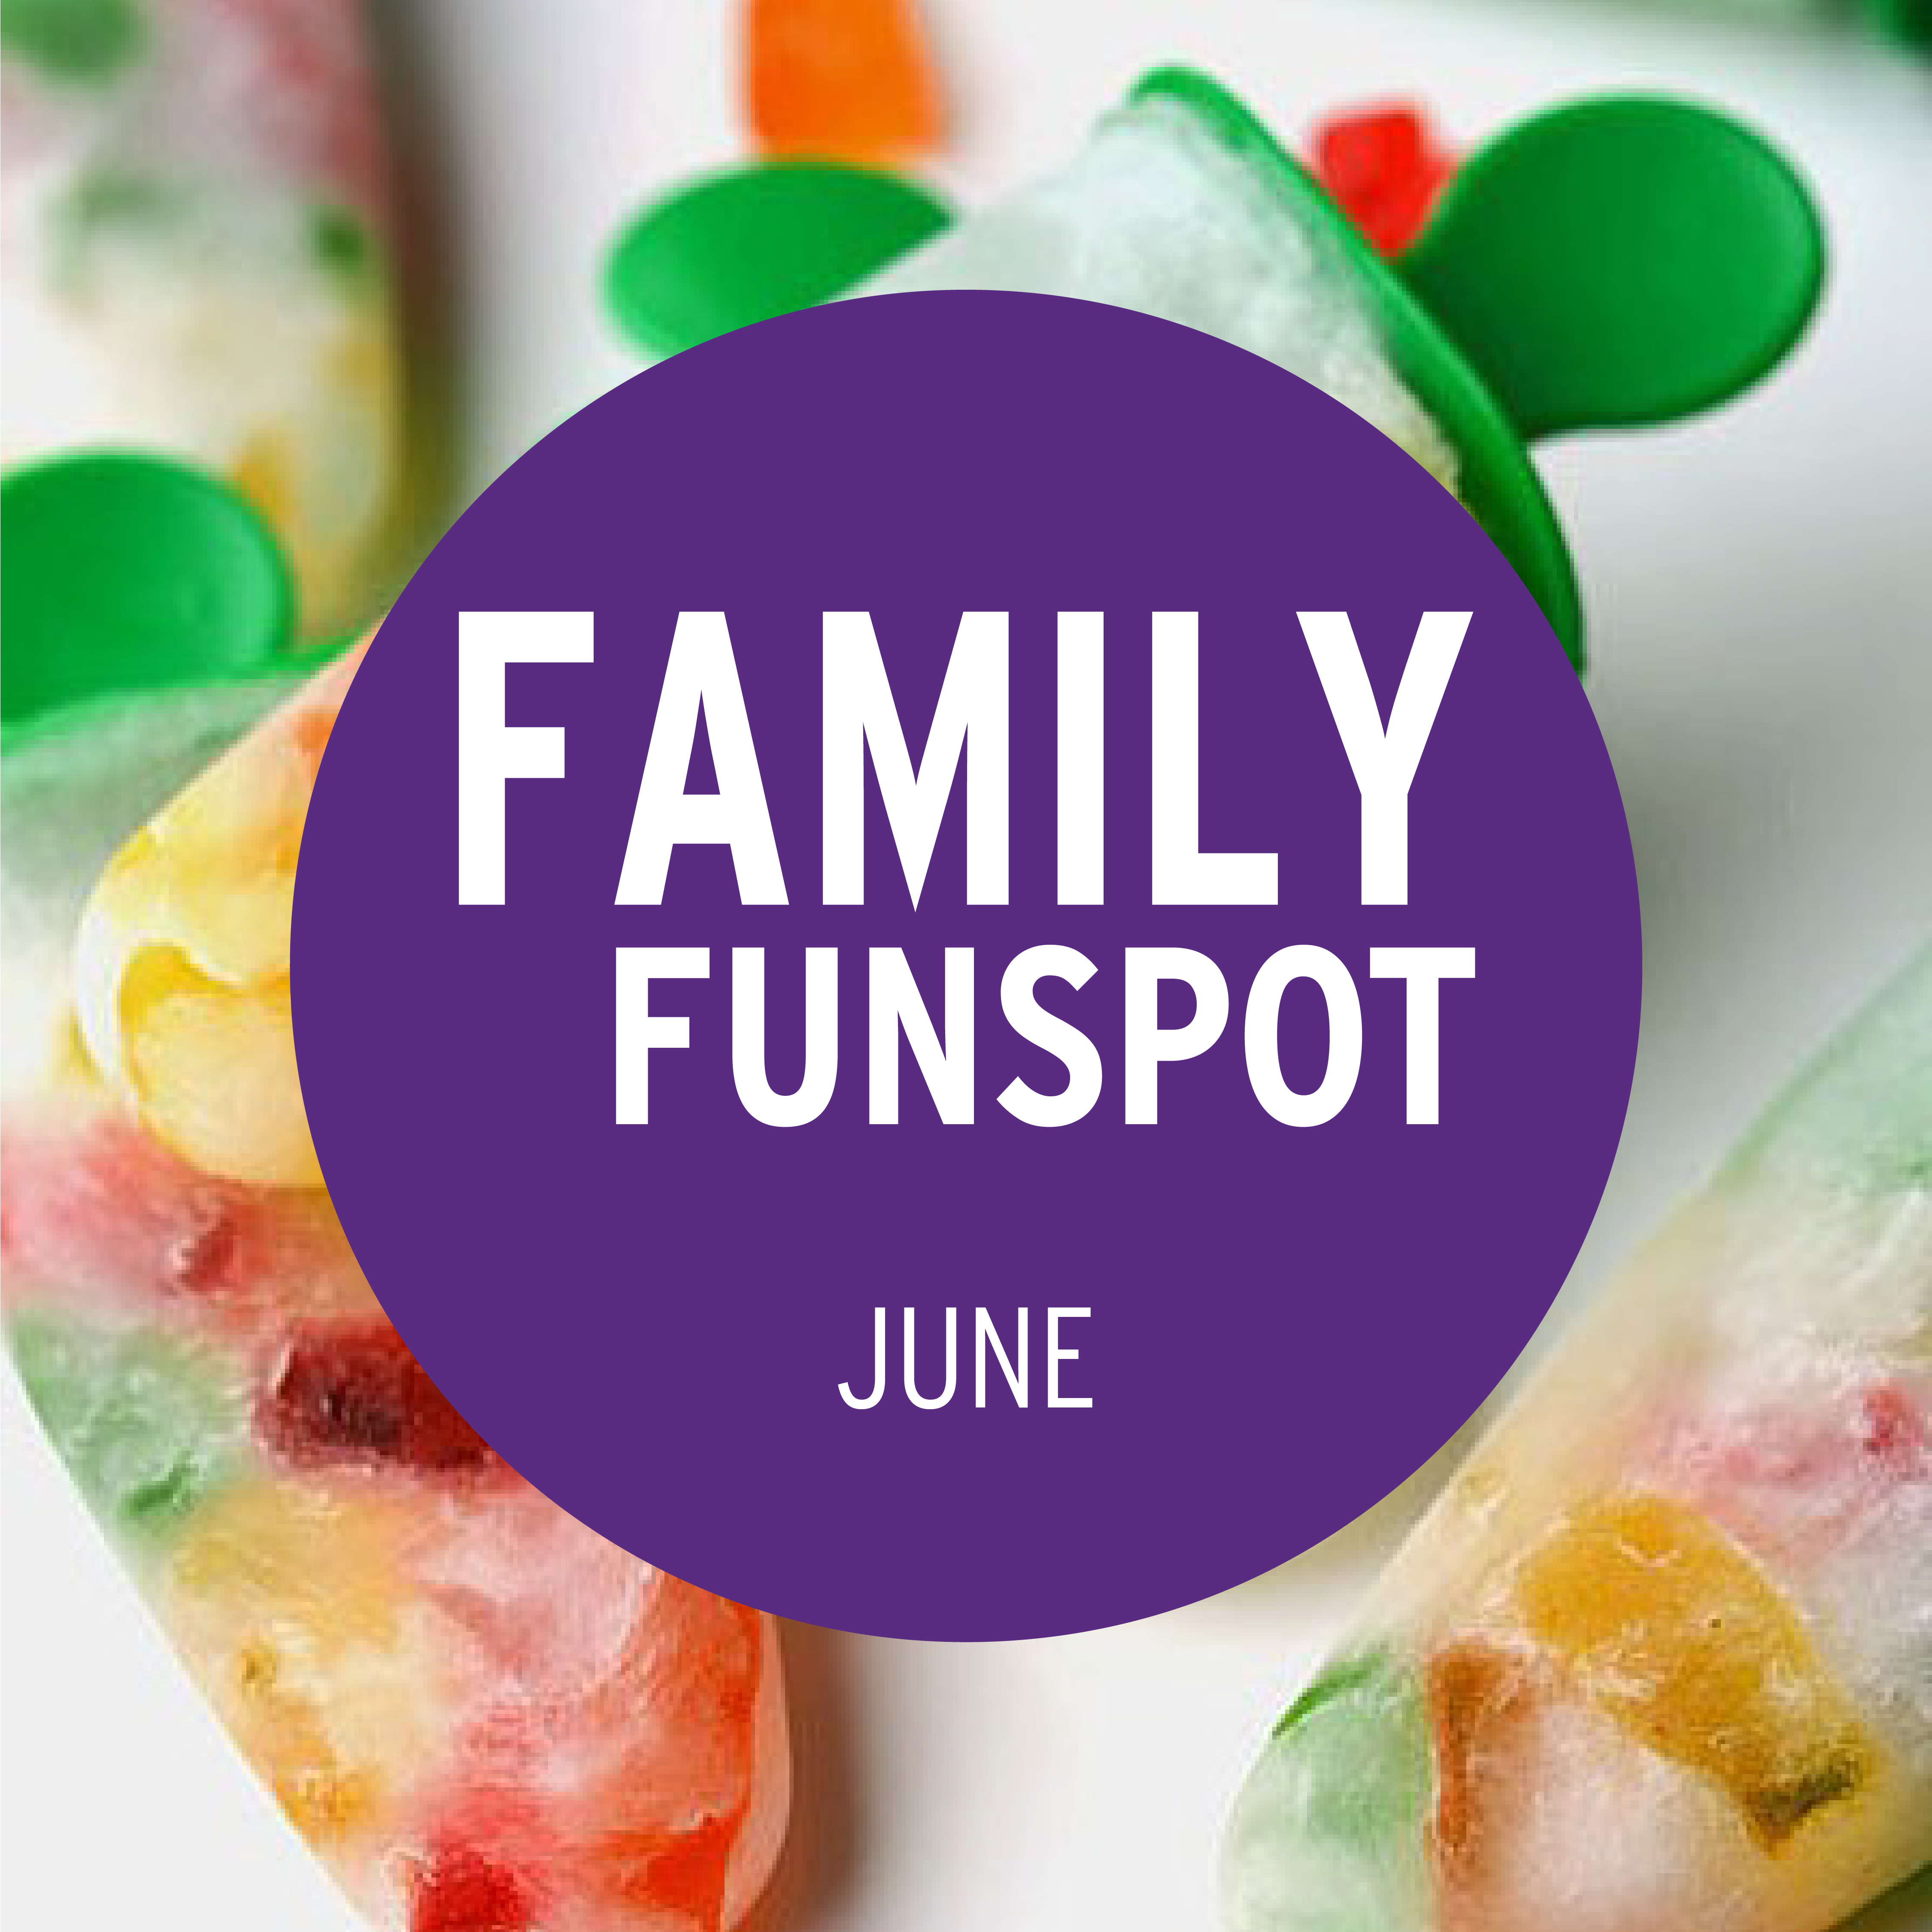 Family FunSpot June